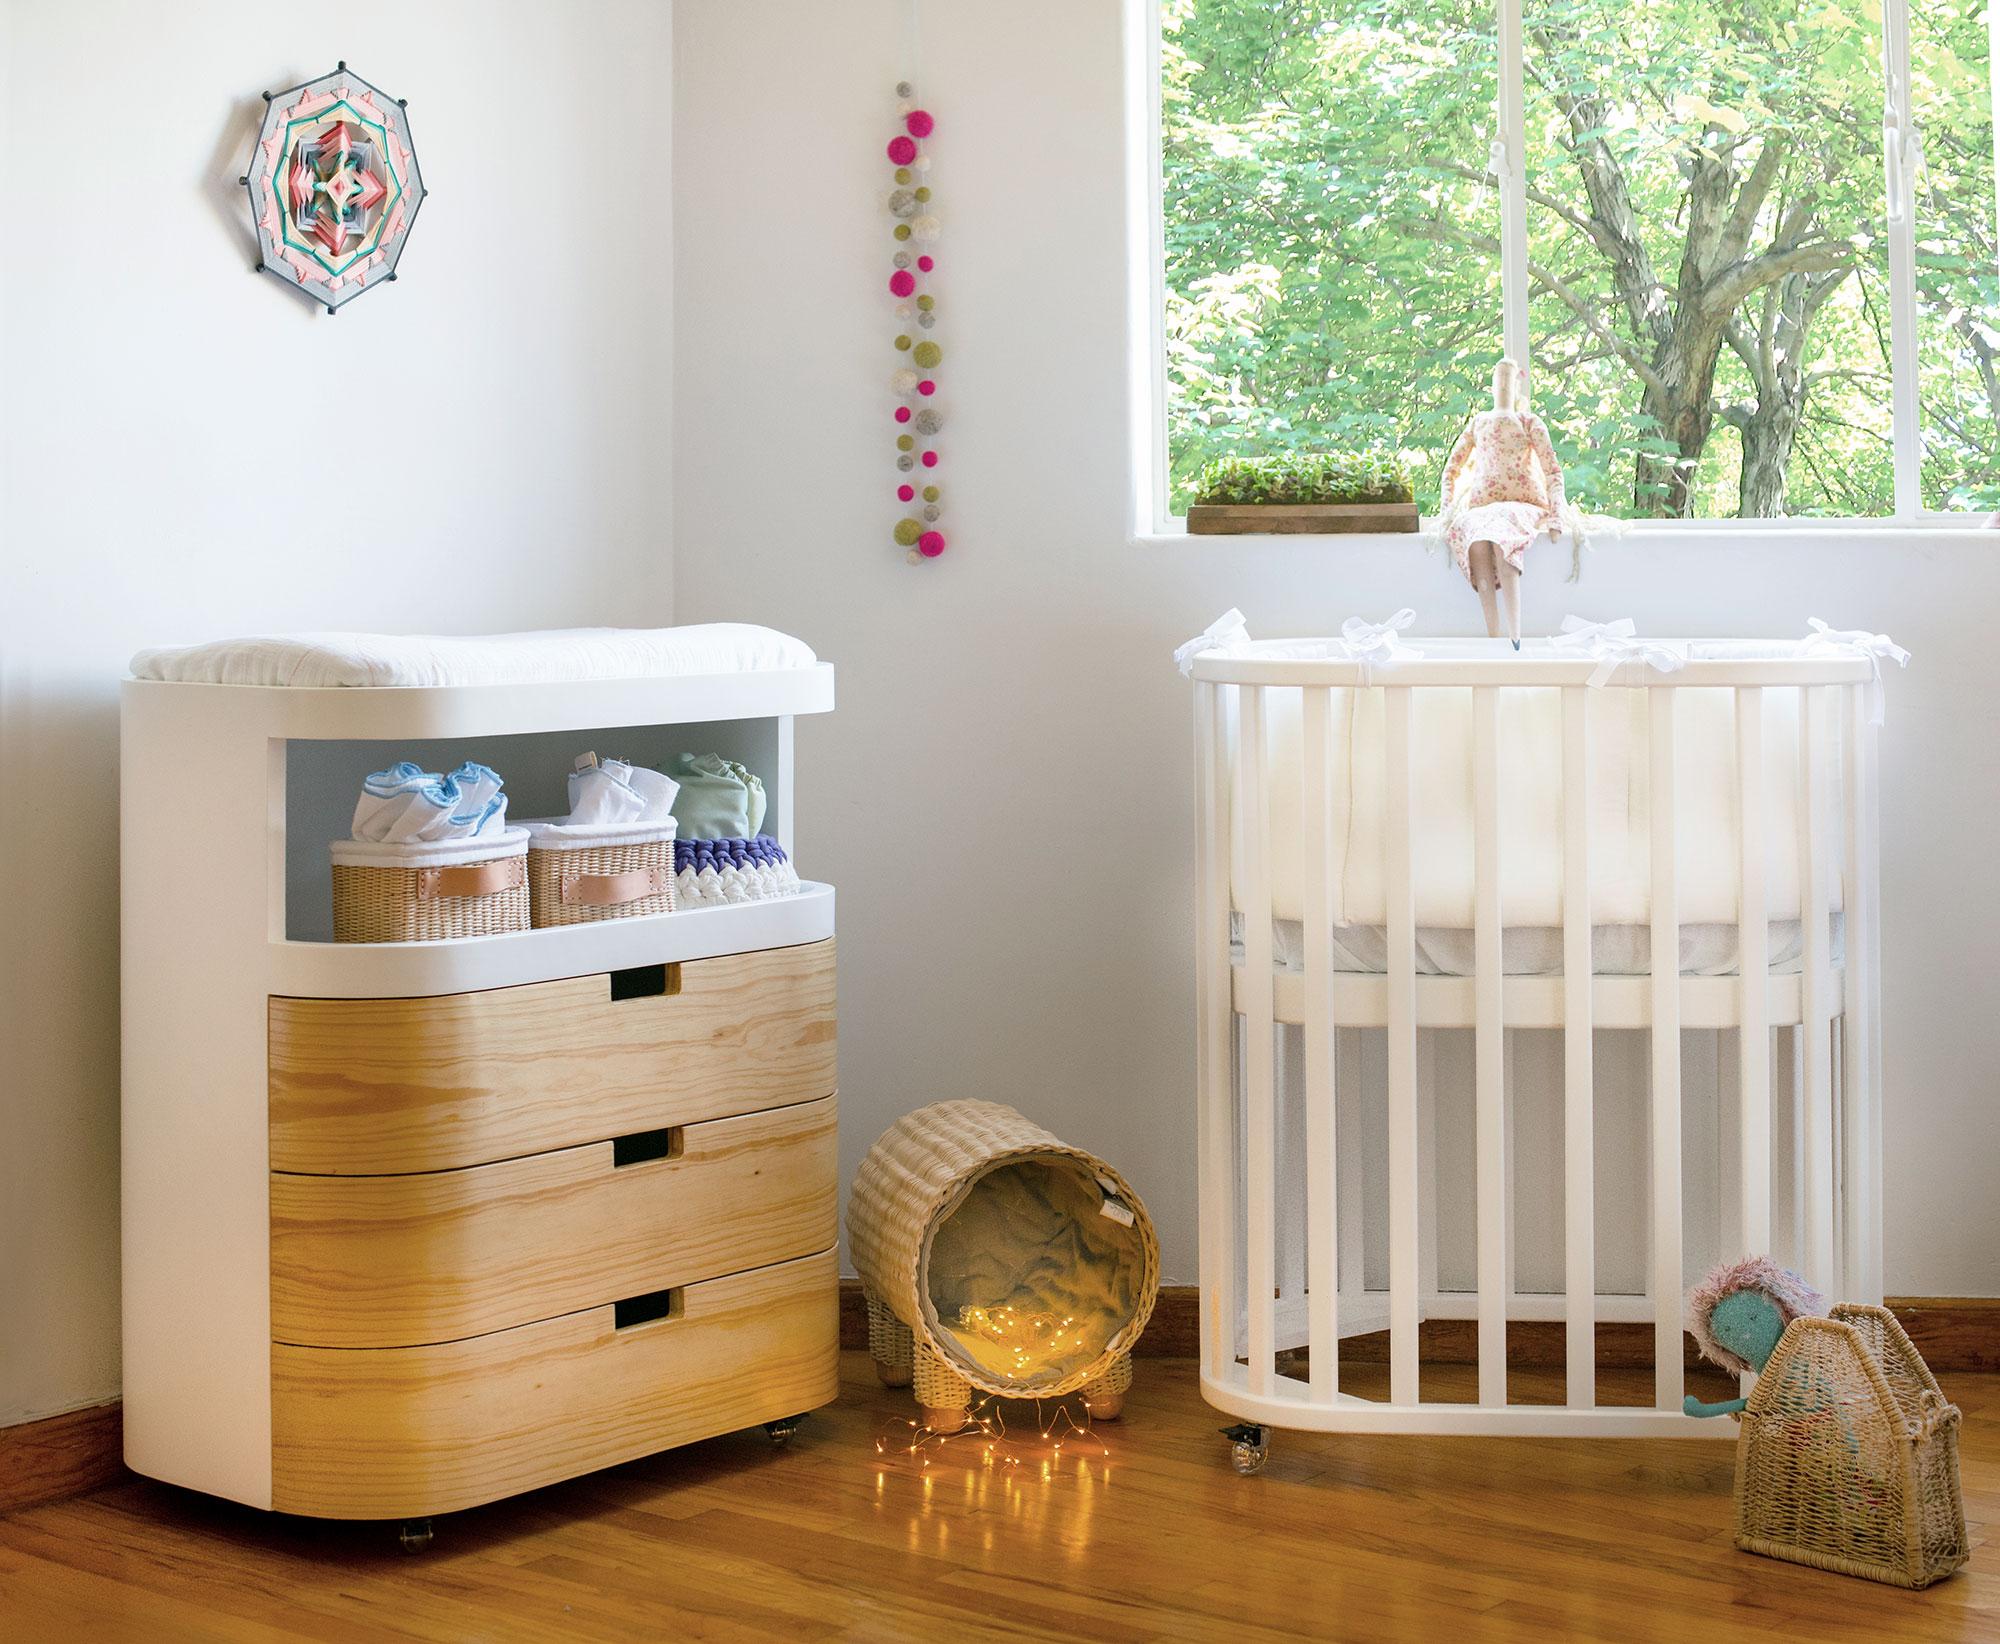 ¿Cómo elegir los muebles para el cuarto del bebé?